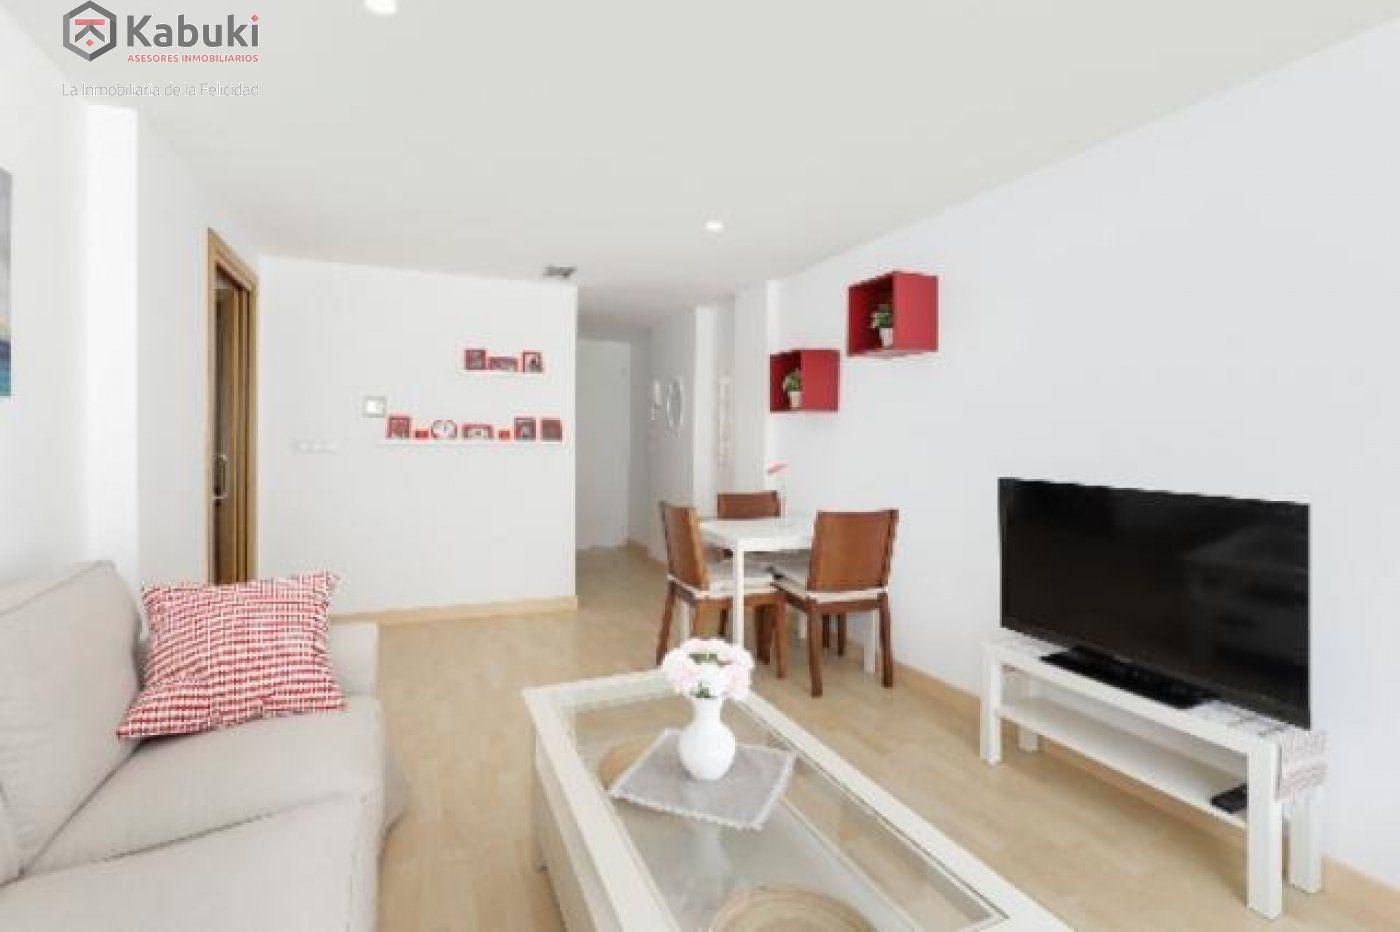 Coqueto y luminoso apartamento en un entorno privilegiado junto a los cahorros - imagenInmueble1